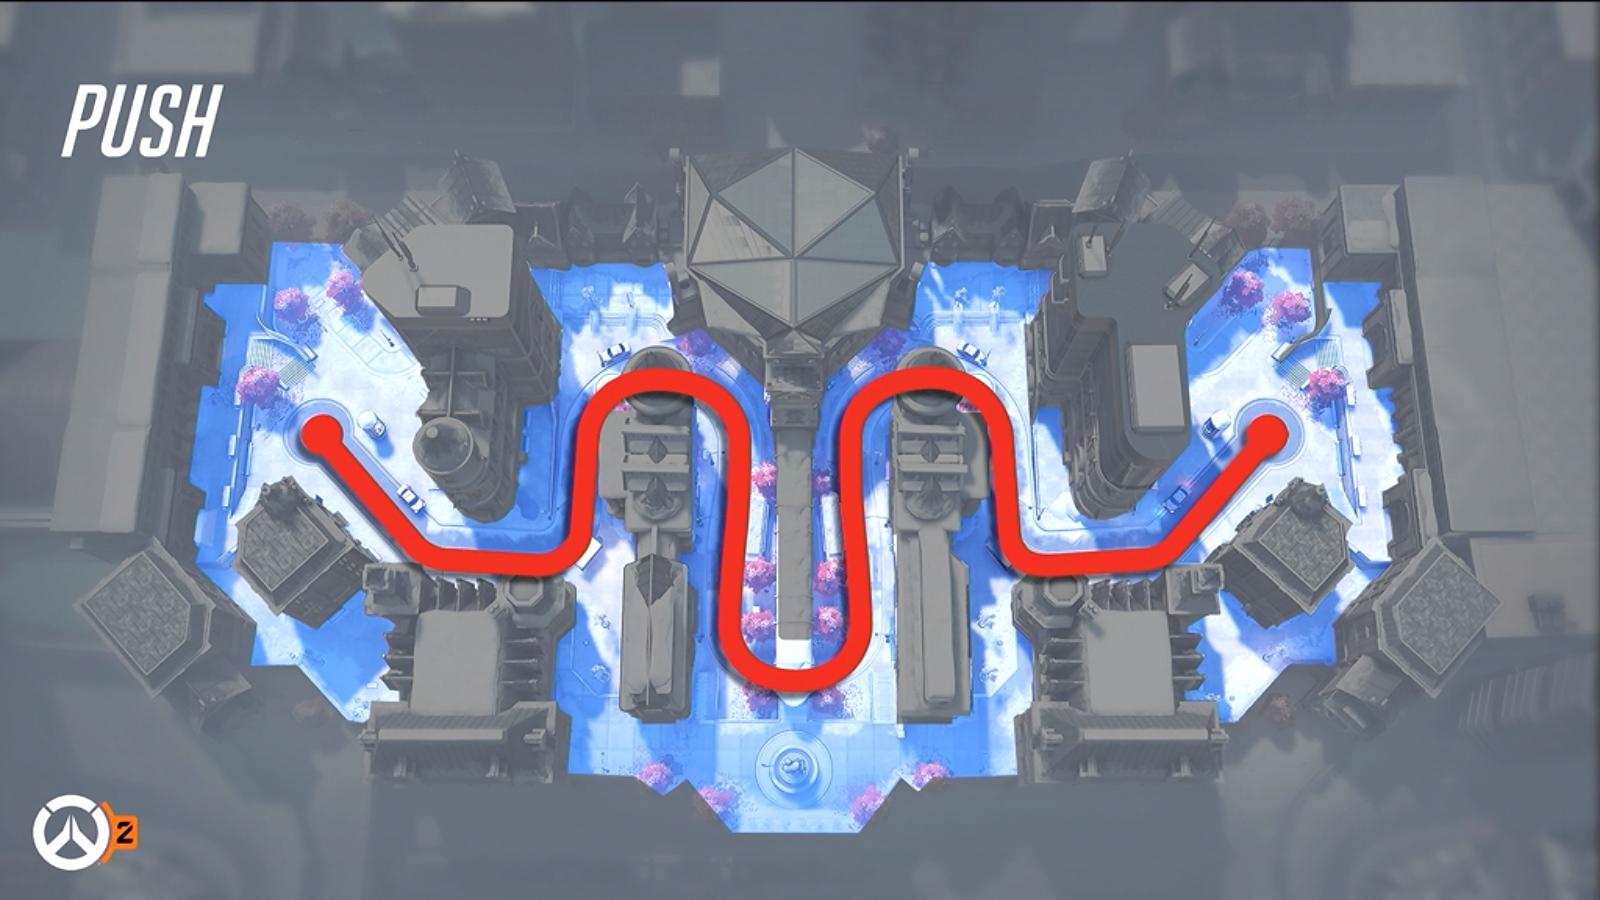 Mode de jeu Push (Pression dans Overwatch 2)